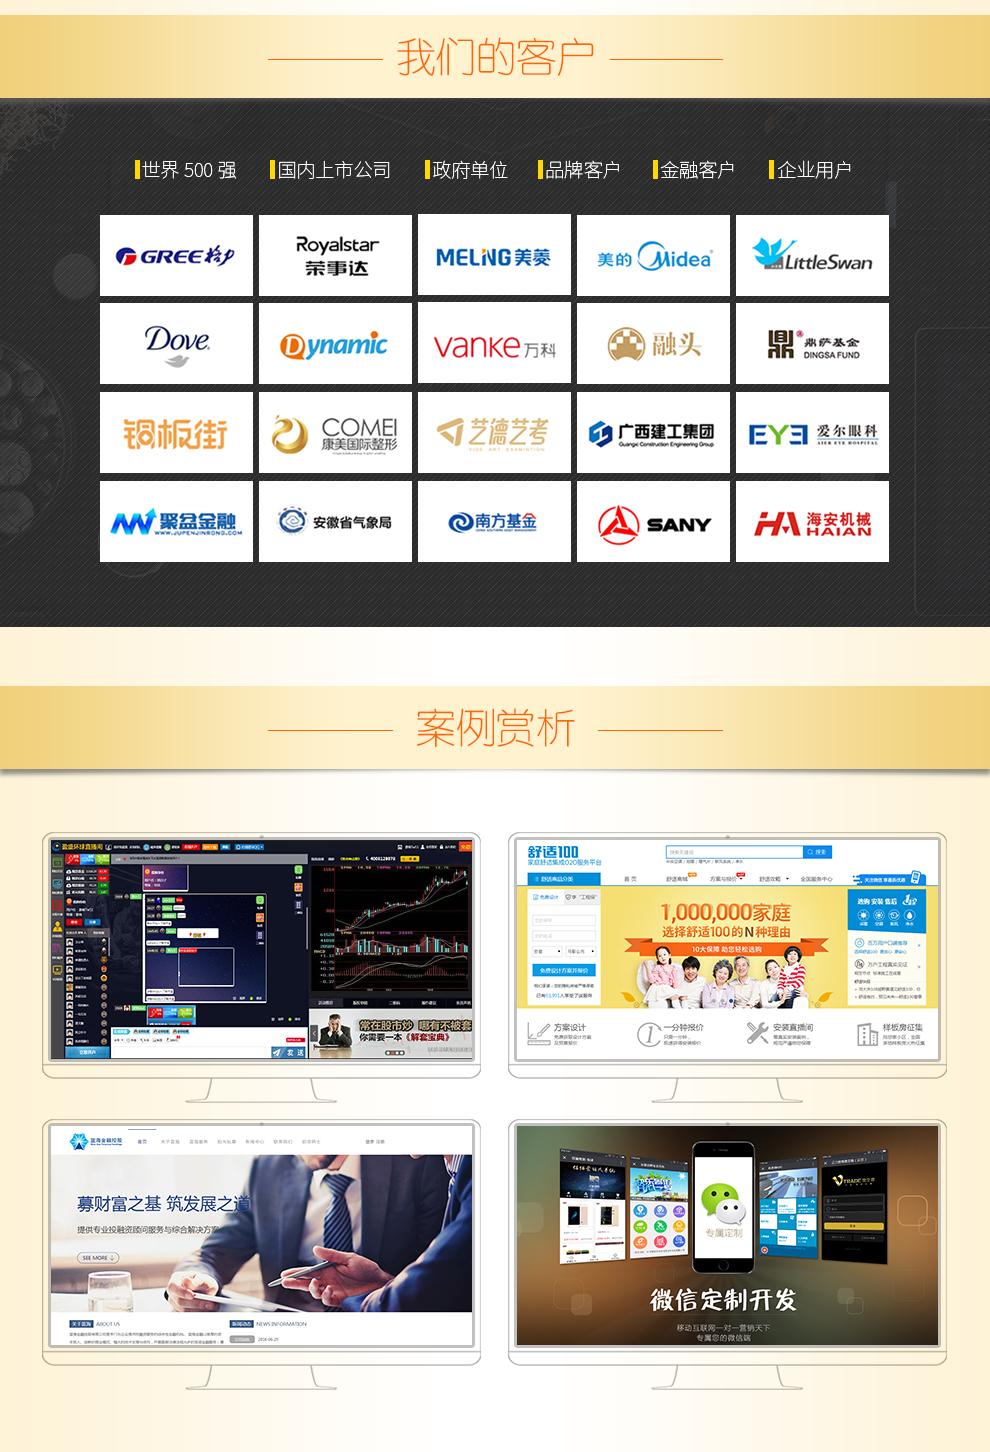 金融网站_凌讯金融理财系统开发理财网站建设理财解决方案三合一定制建站2